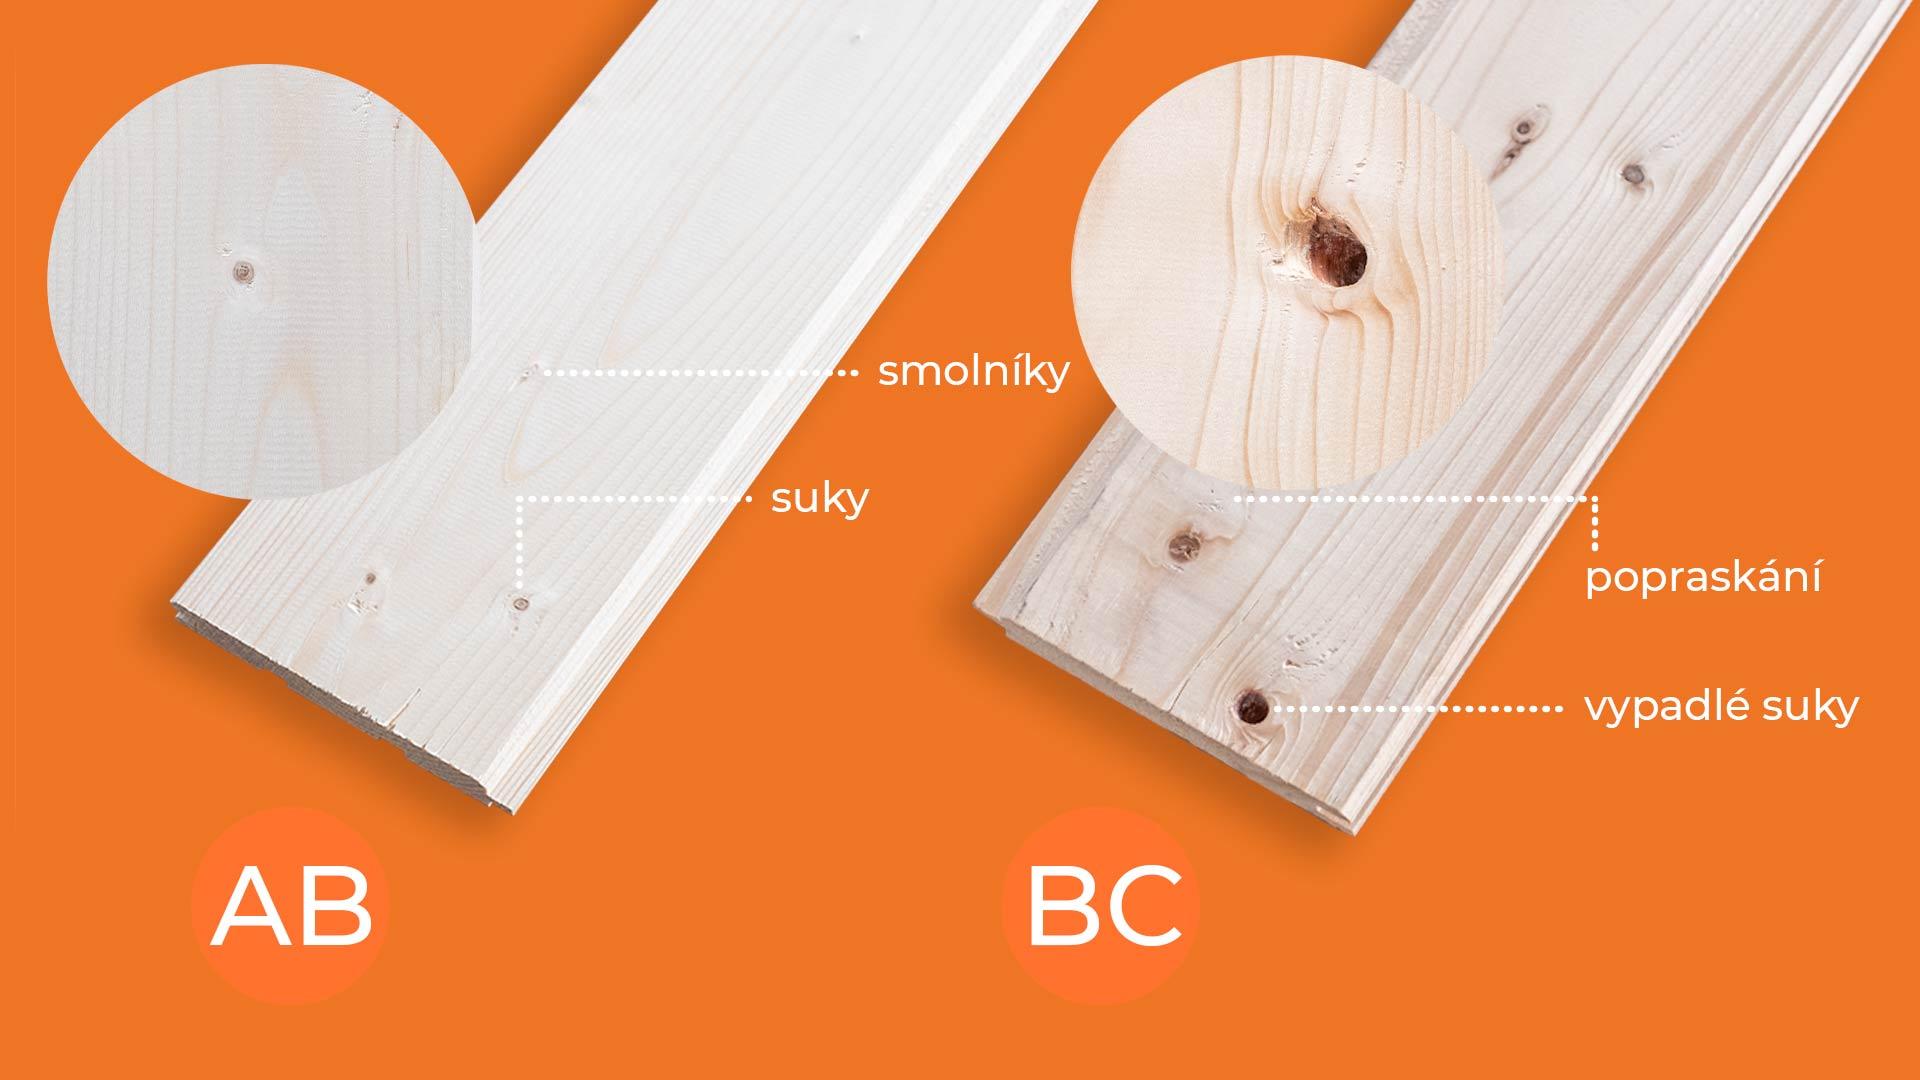 rozdíl mezi kvalitou ab a bc palubky vencl